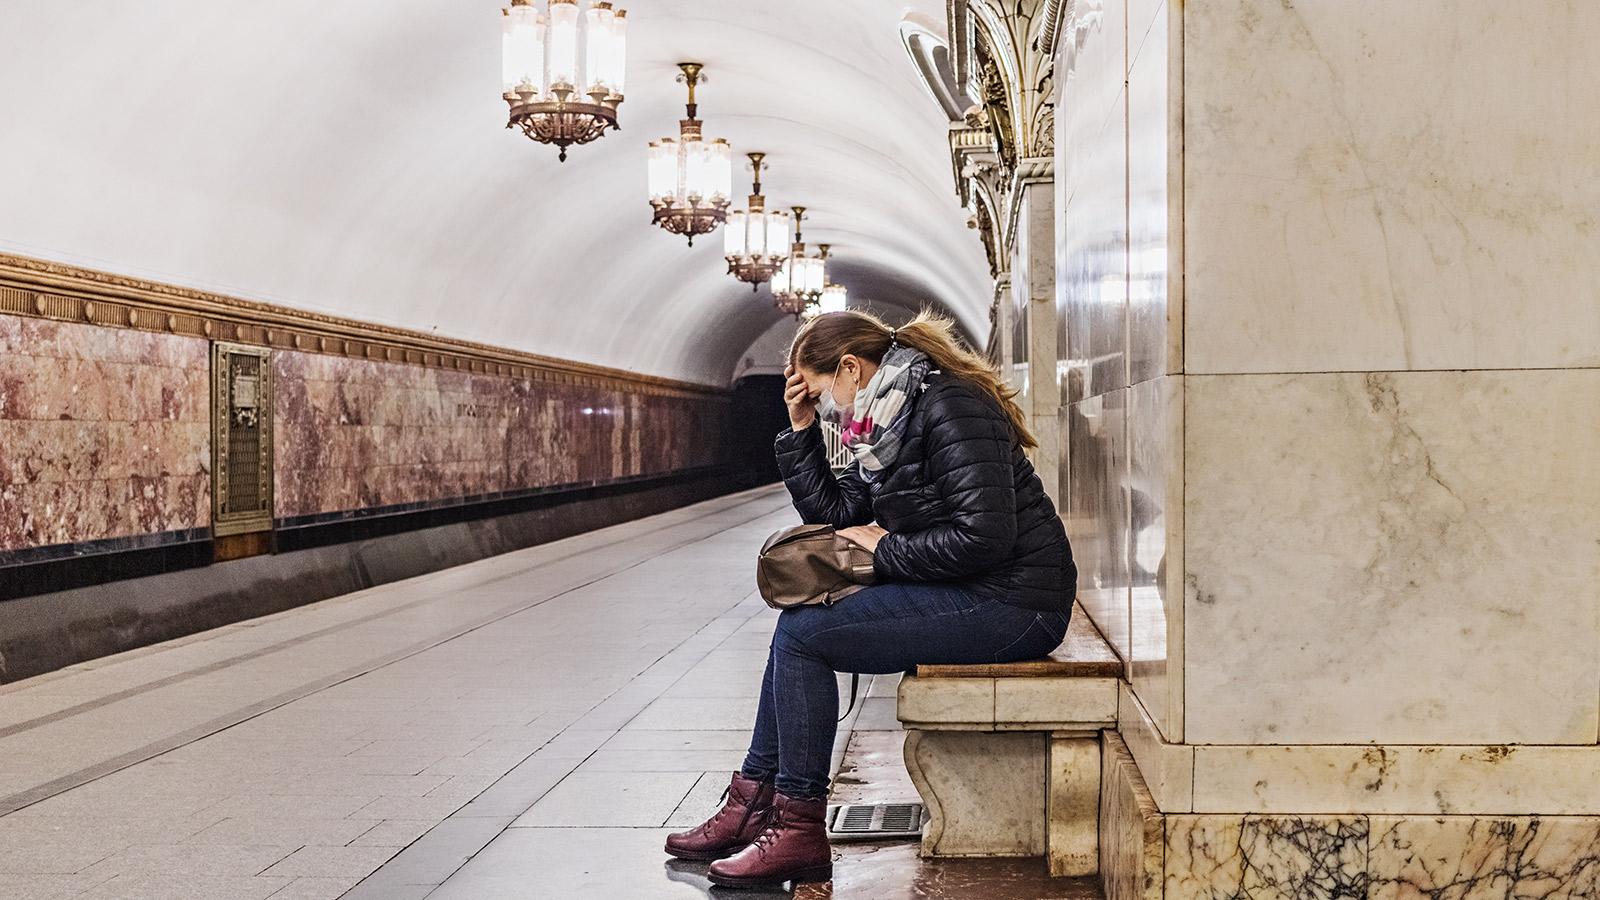 3 Steps for Christians during Coronavirus Crisis